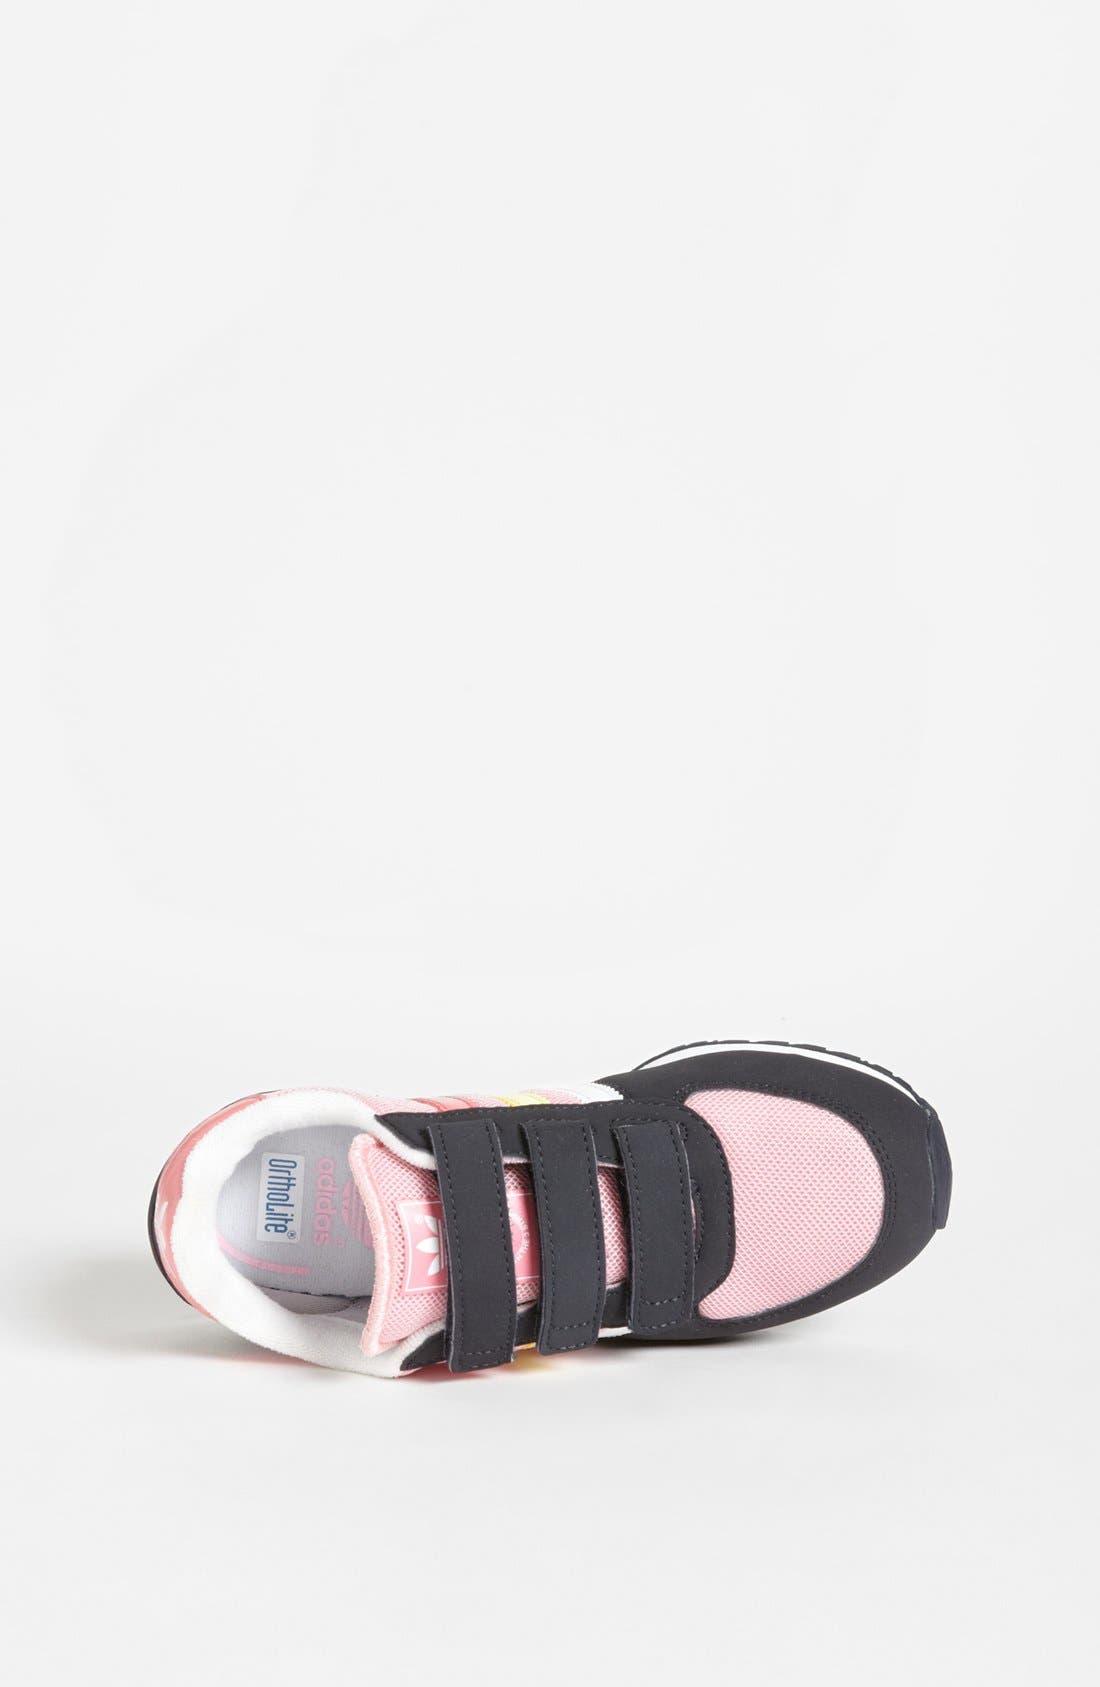 Alternate Image 3  - adidas 'adistar Racer' Sneaker (Toddler & Little Kid)